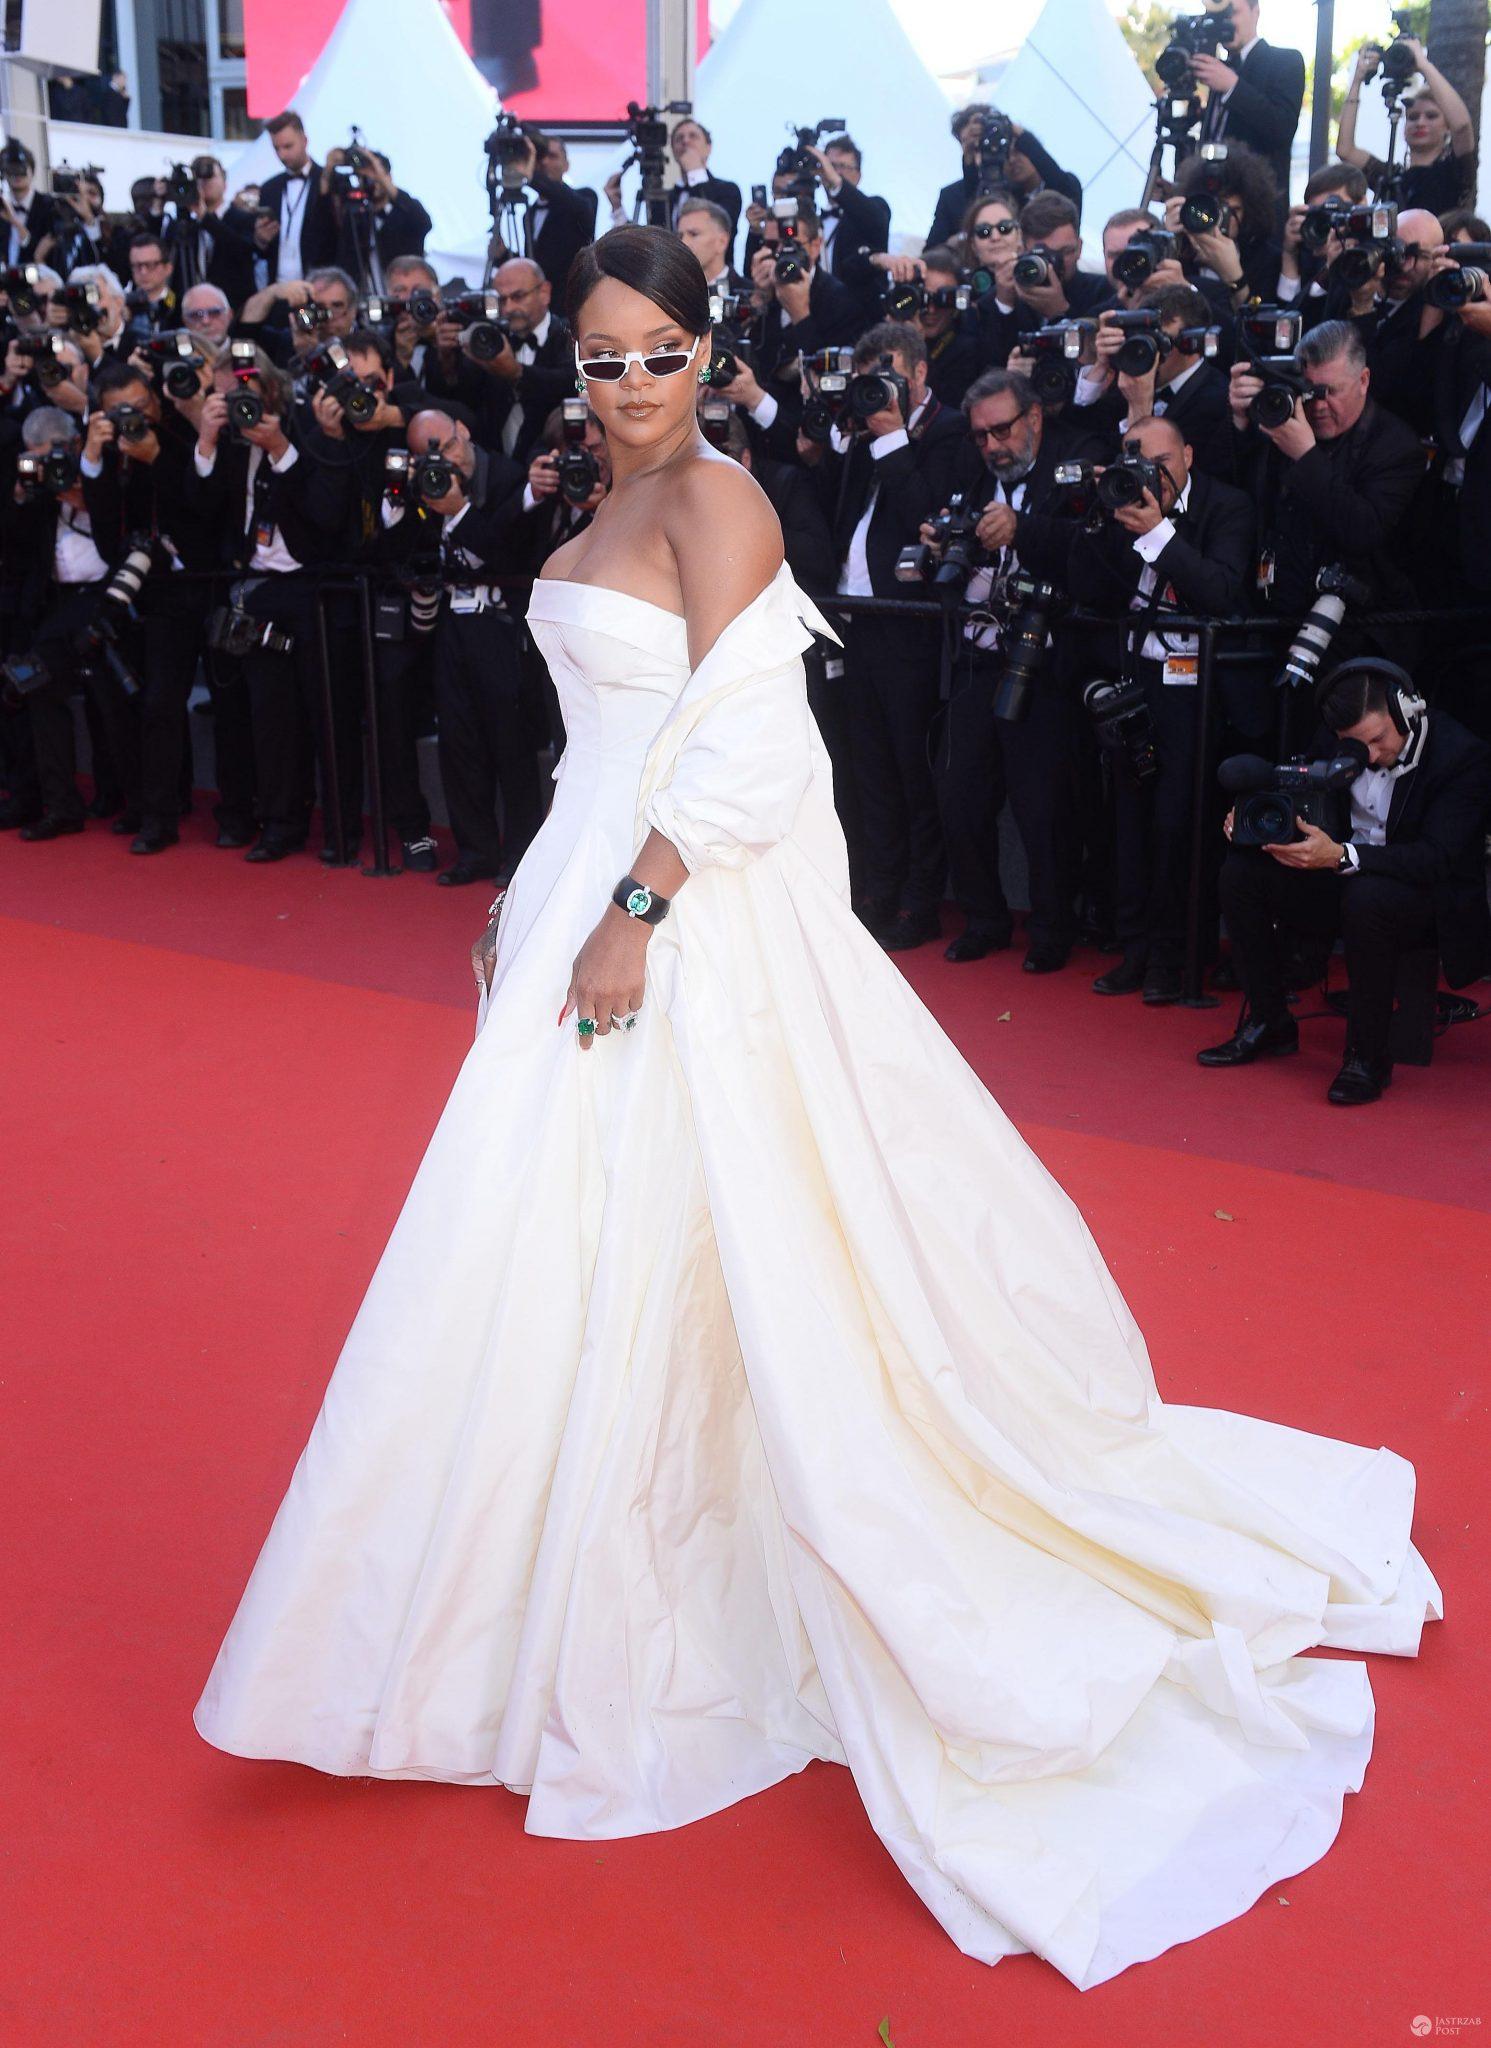 Premiera filmu Okja na Festiwalu w Cannes 2017: Rihanna, Bella Hadid, Juliette Binoche, Lily Collins, Aishwarya Rai Bachchan - Rihanna – Premiera filmu Okja 2017